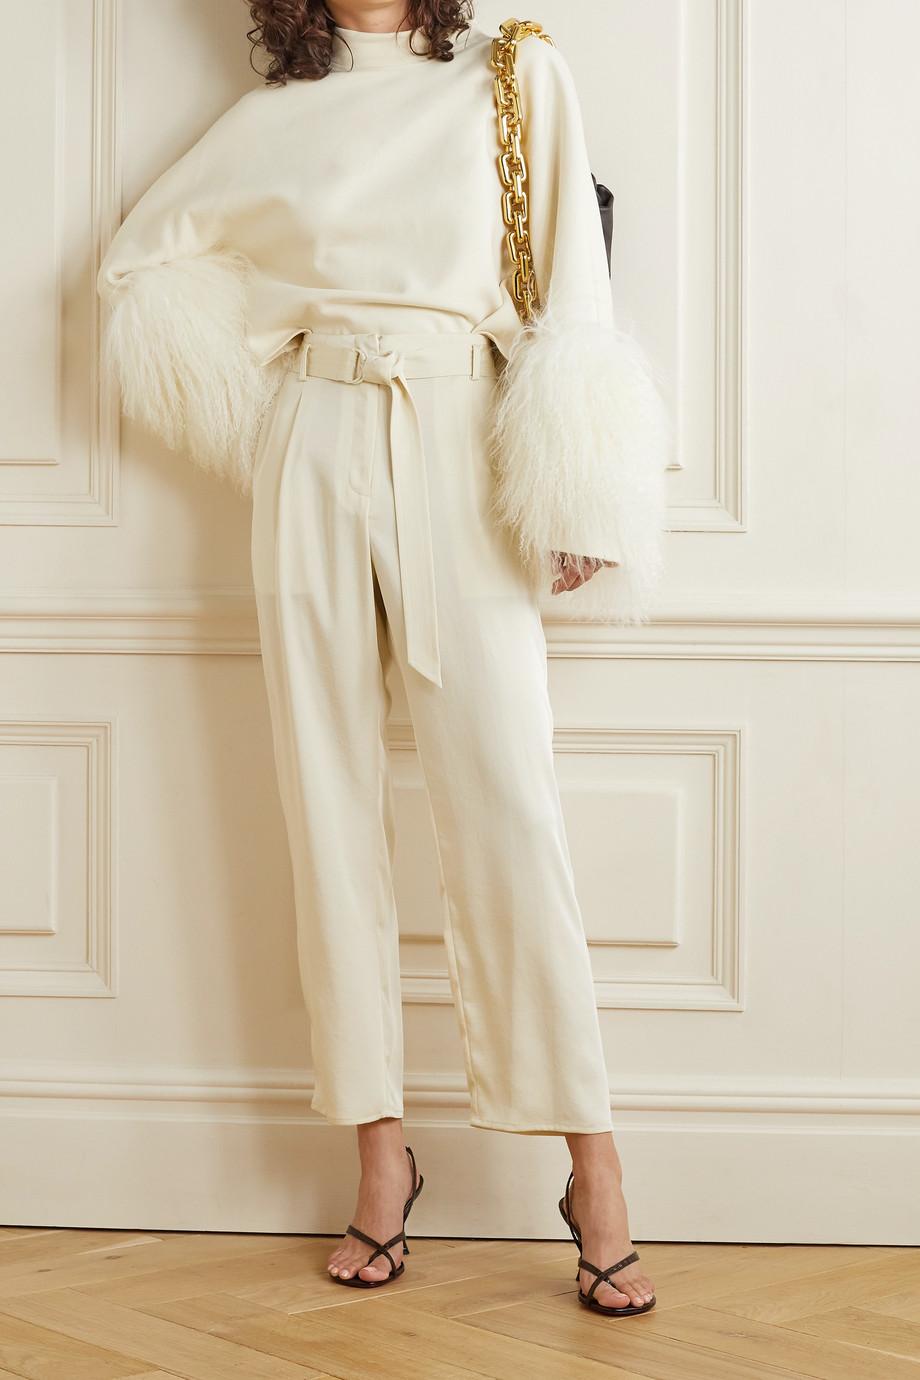 LAPOINTE Haut en jersey de coton à finitions en peau lainée